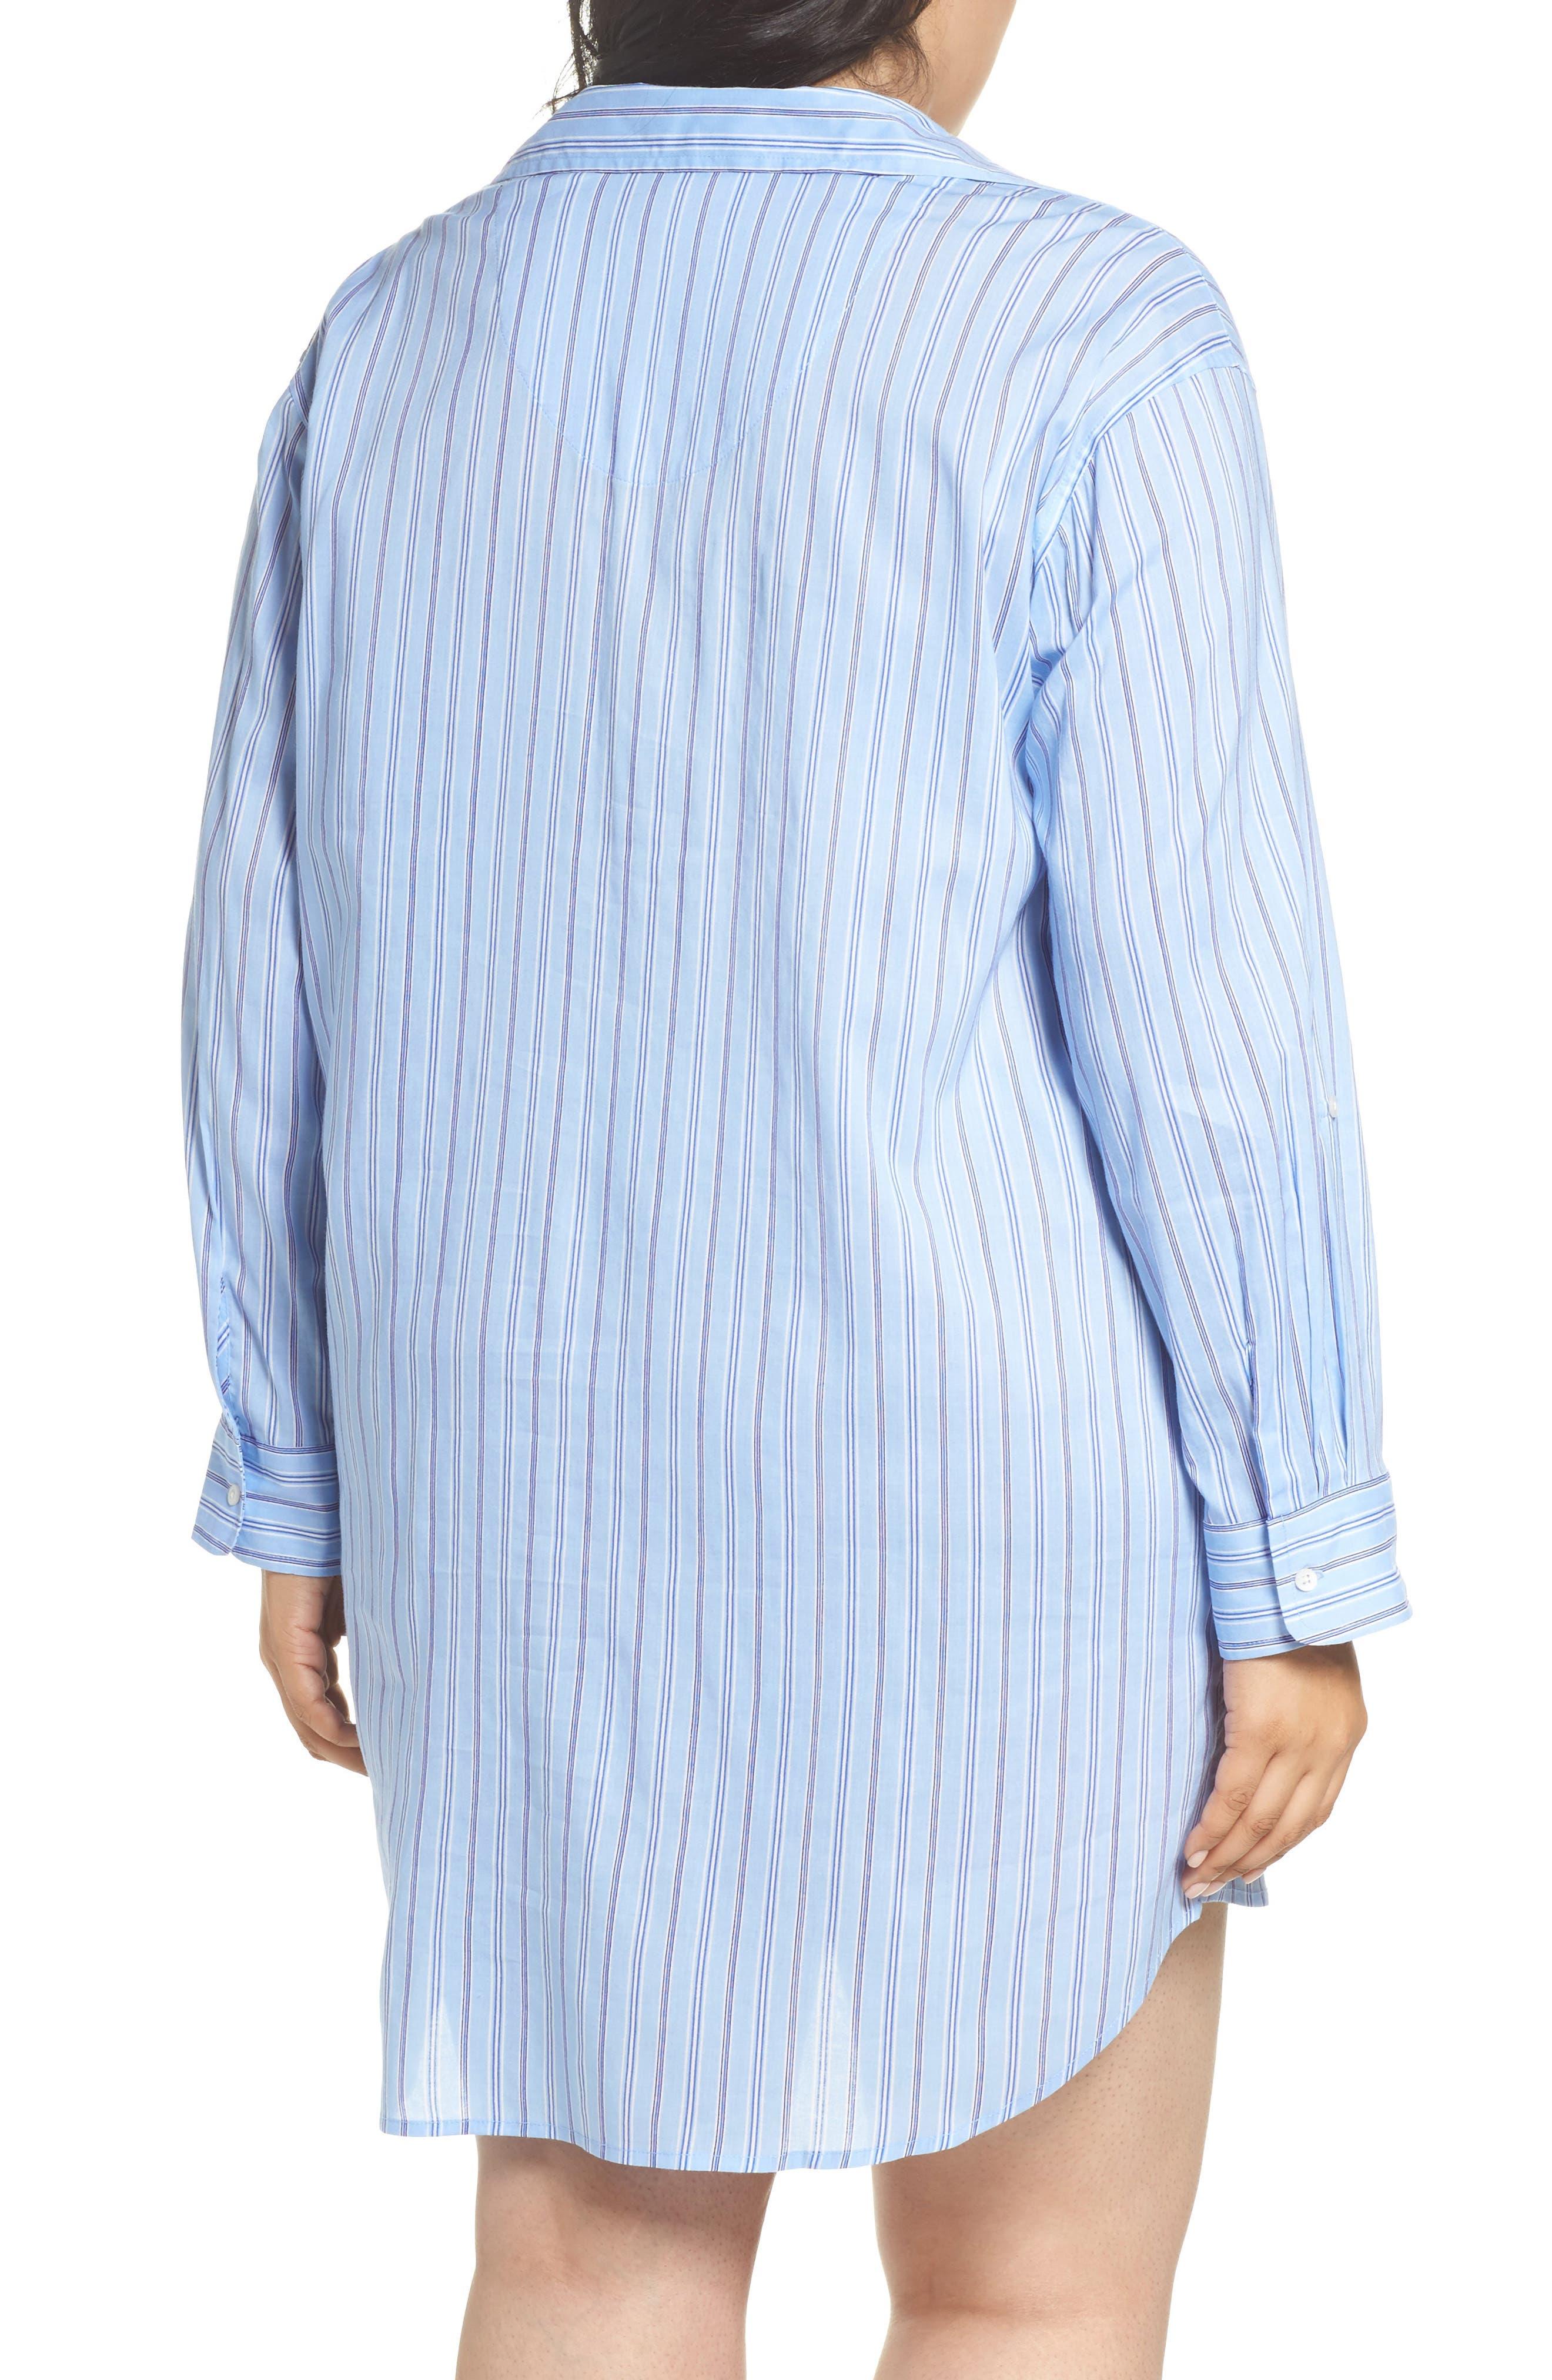 Night Shirt,                             Alternate thumbnail 2, color,                             Blue Stripe